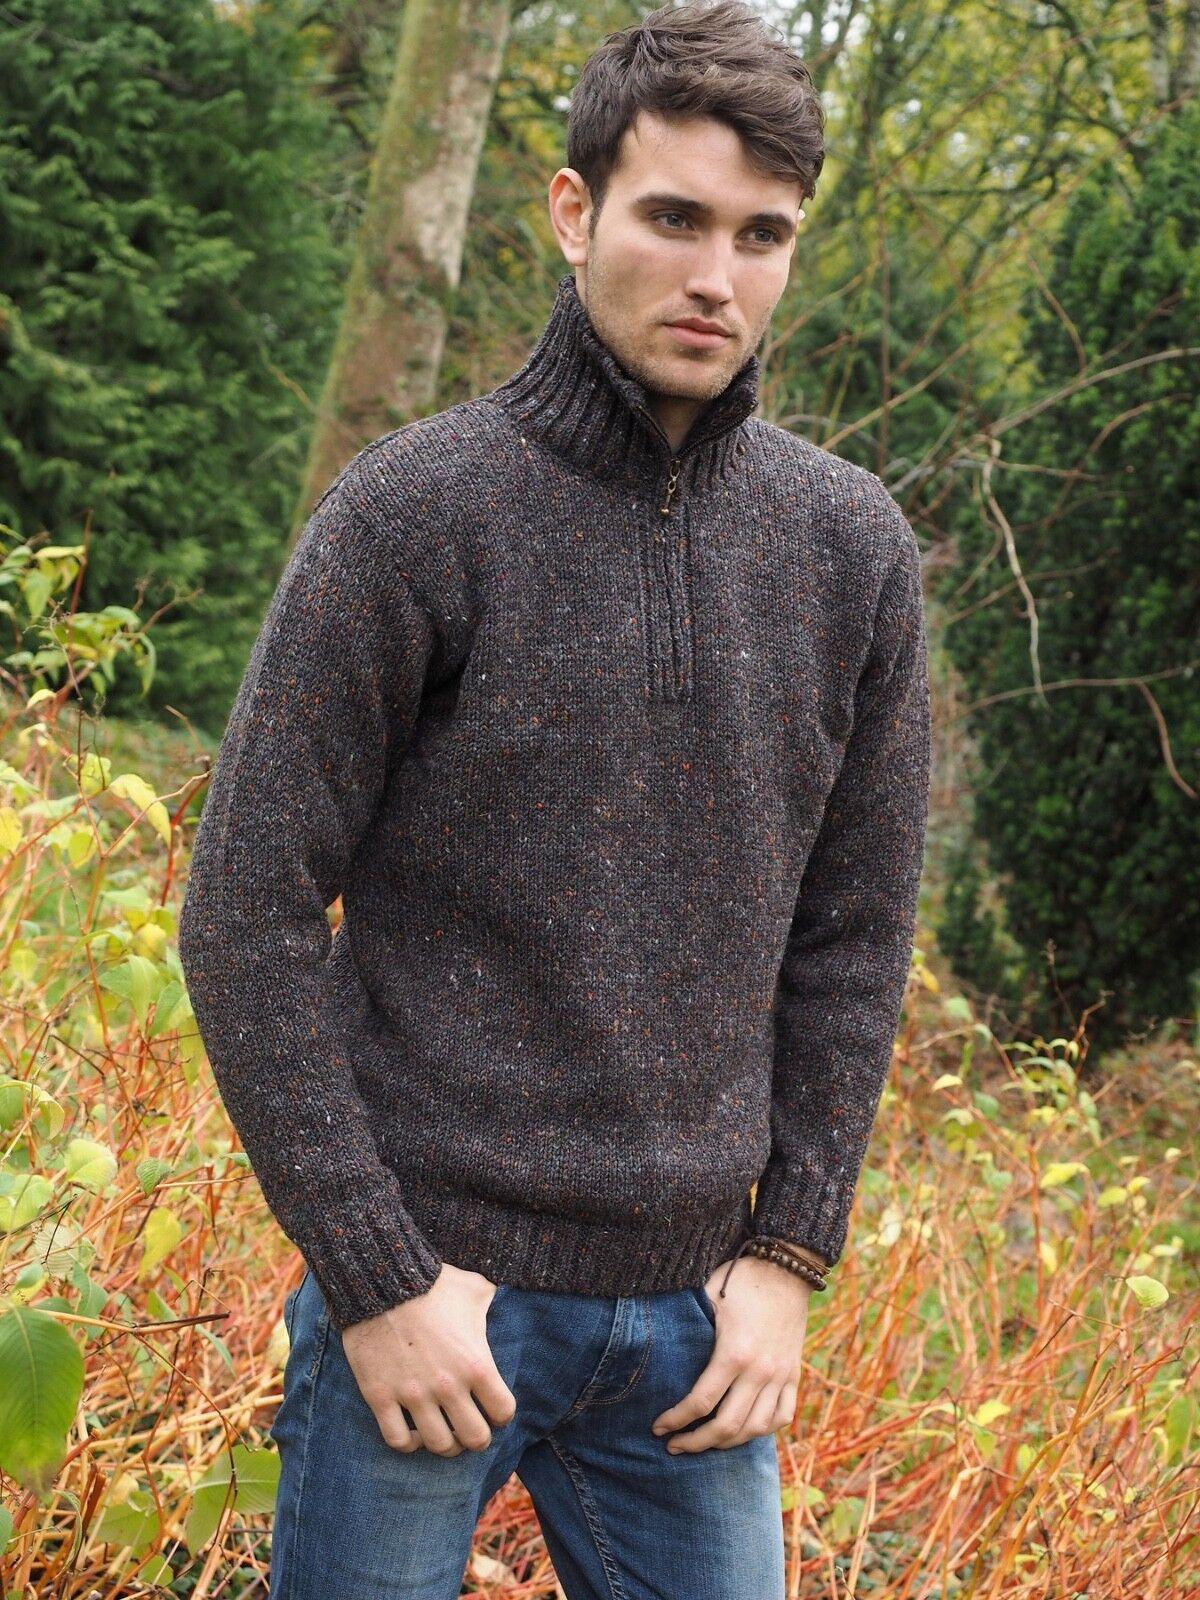 Color marrón moteado irlandés hecho Donegal  Aran Lana Para Hombre Suéter Half Zip Z2040  Seleccione de las marcas más nuevas como